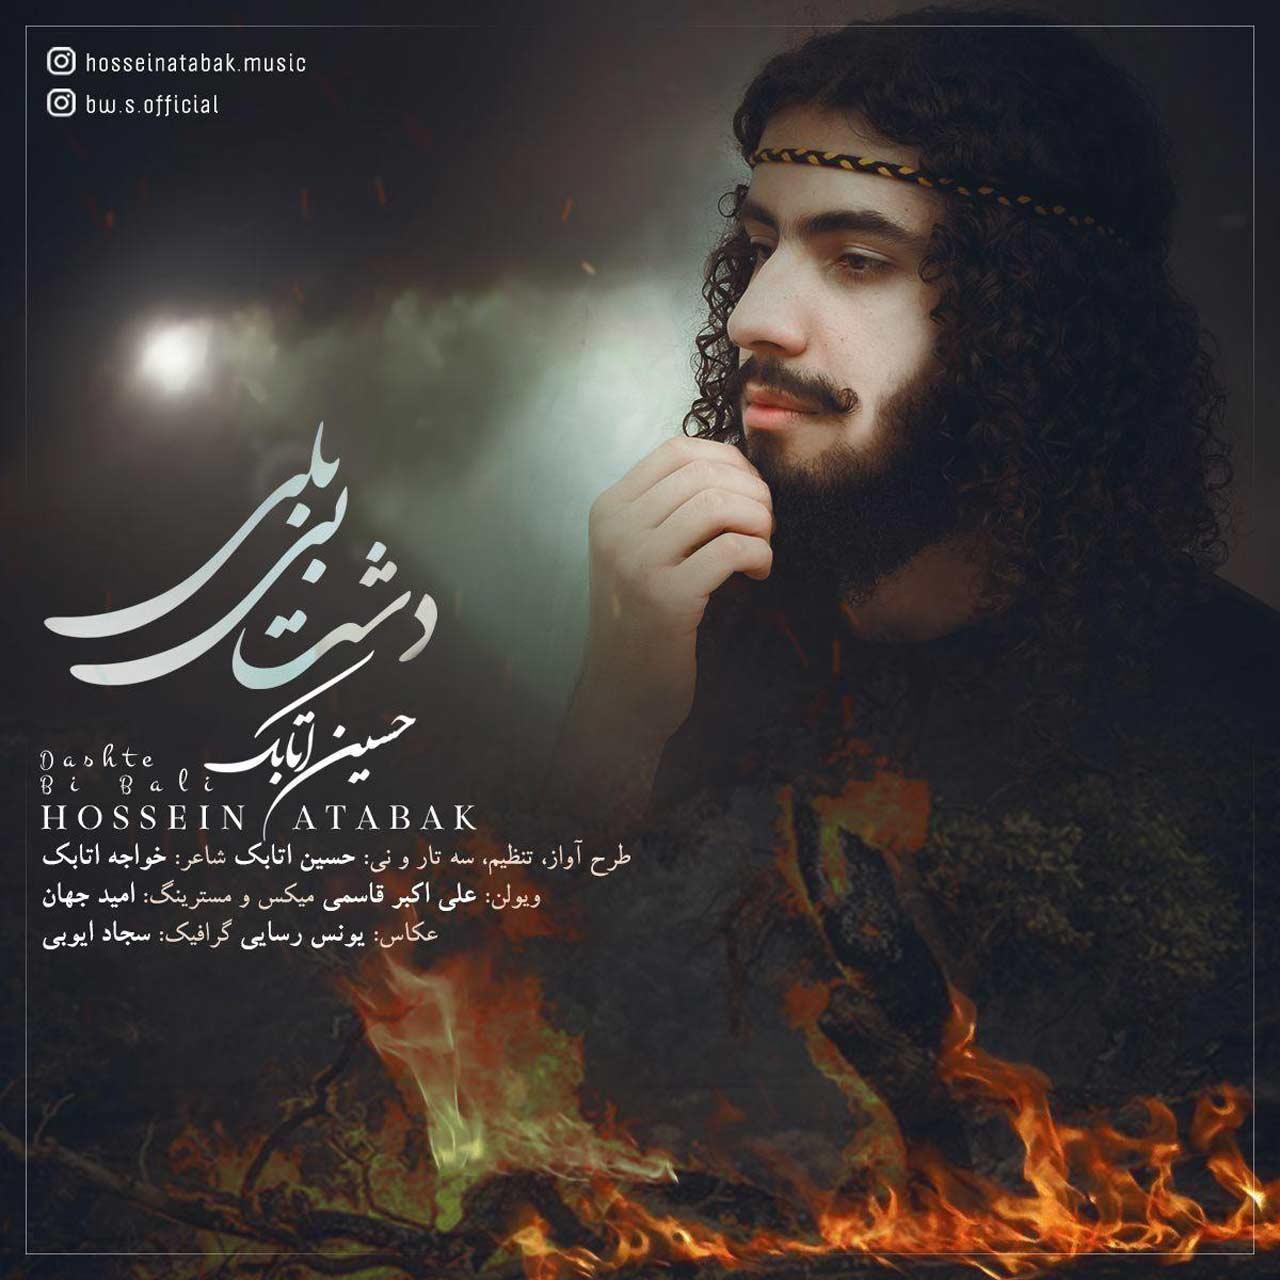 دانلود آهنگ لری دشت بی بلی از حسین اتابک